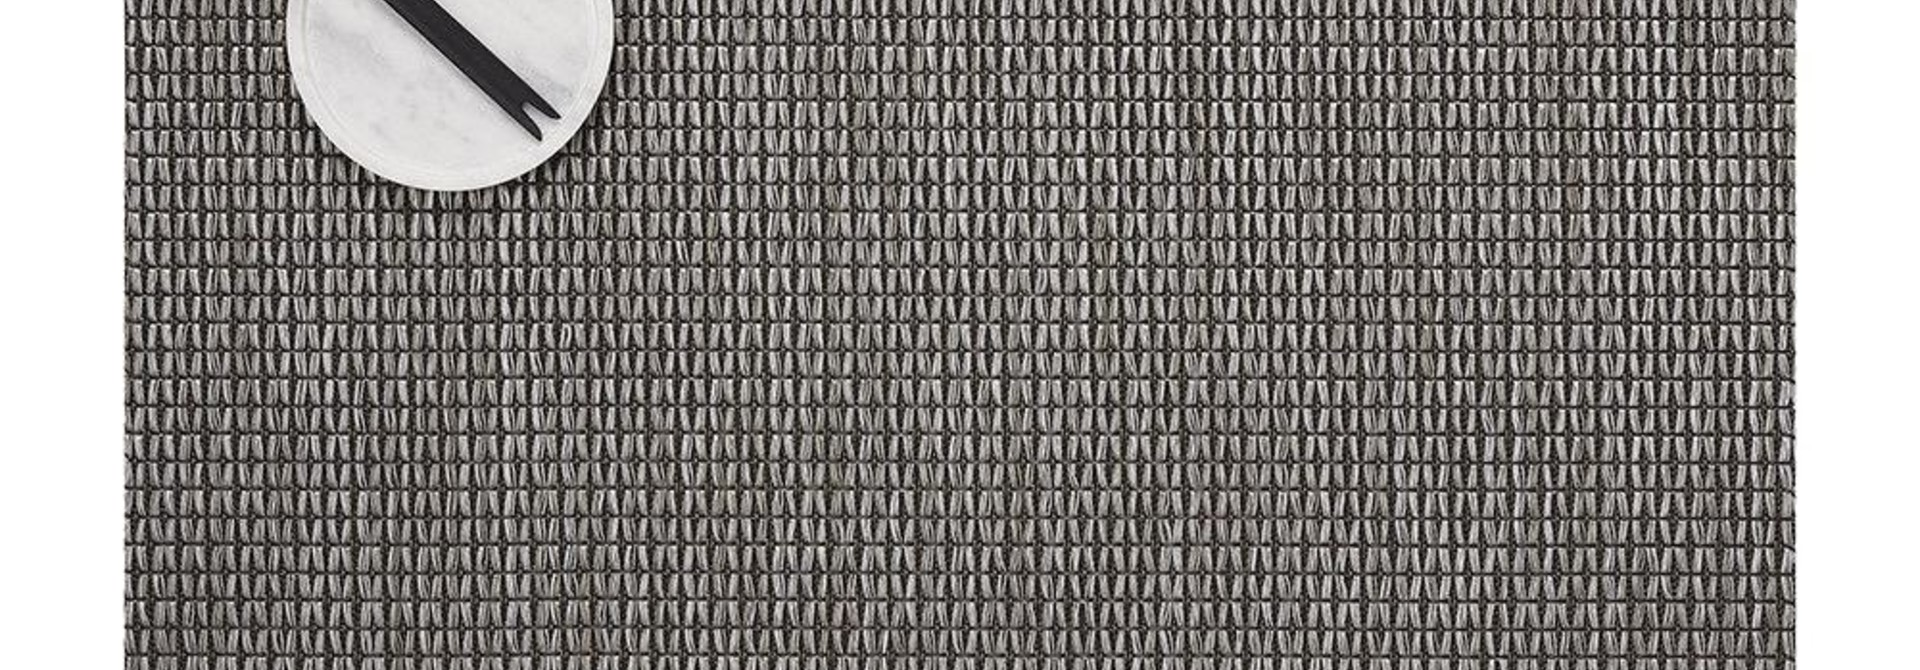 CHILEWICH - Wabi Sabi Mica Placemat 36x48cm